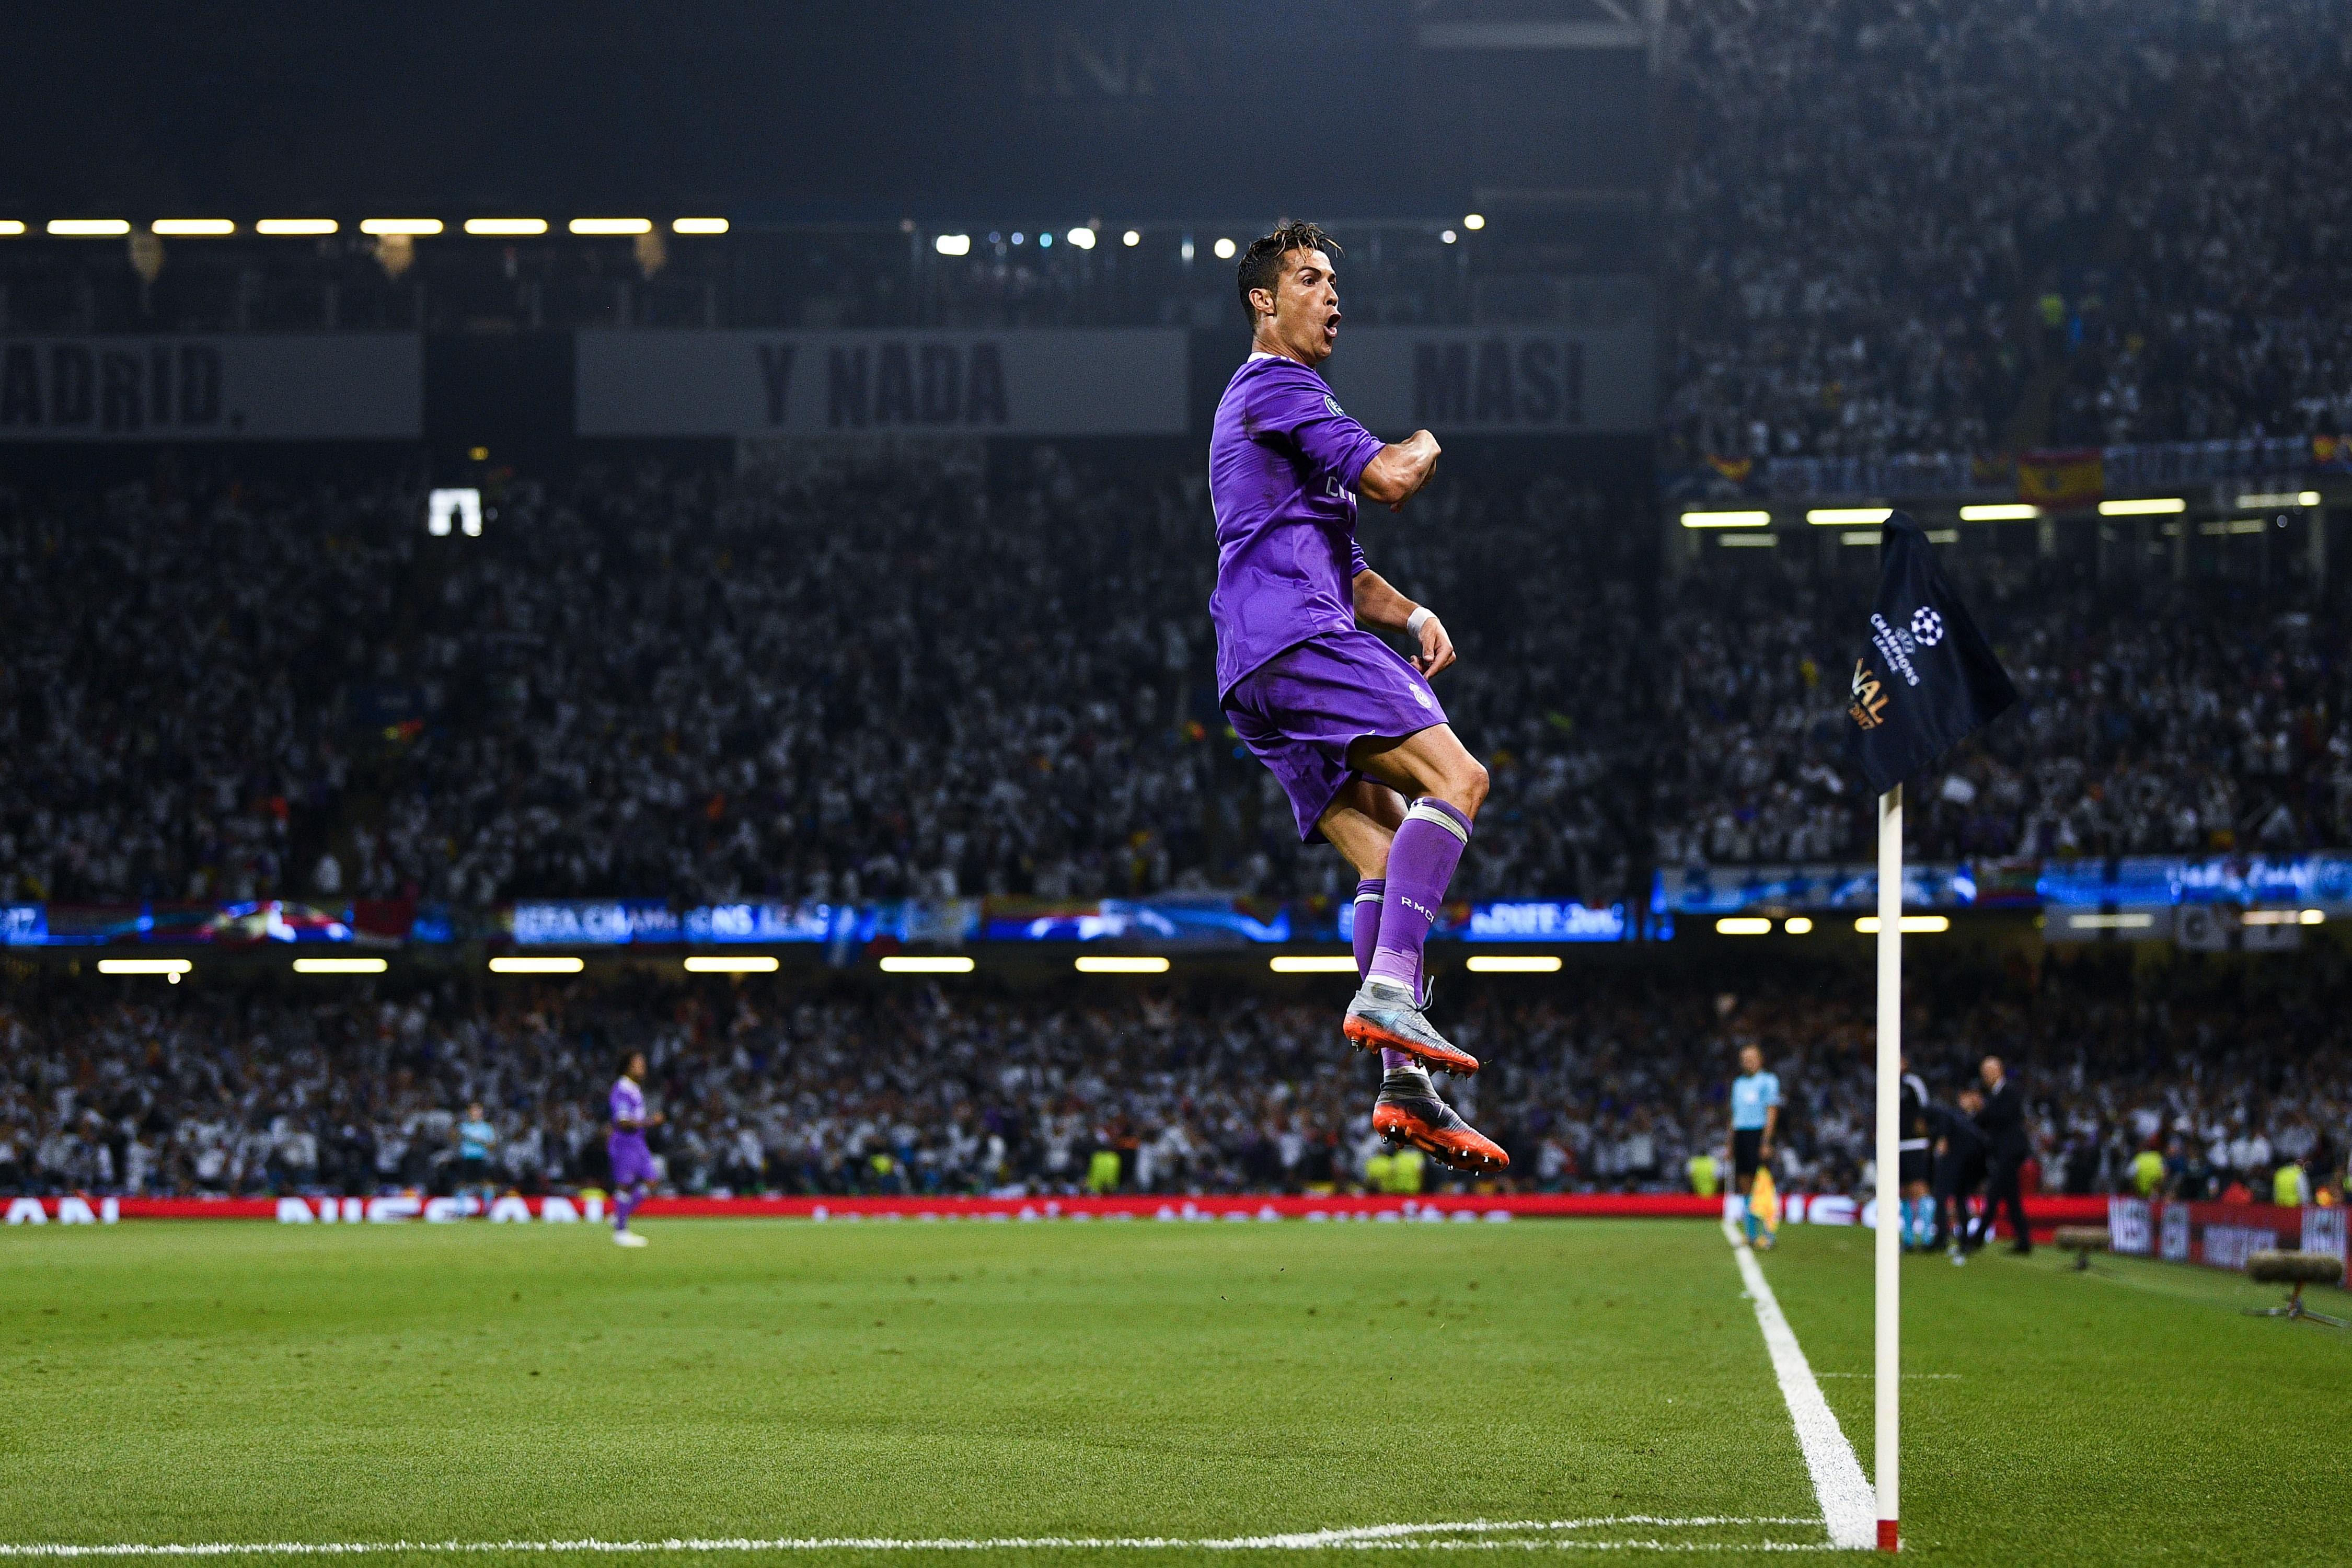 Зидан: Роналду заслужил отдых, оностаётся в«Реале», иточка